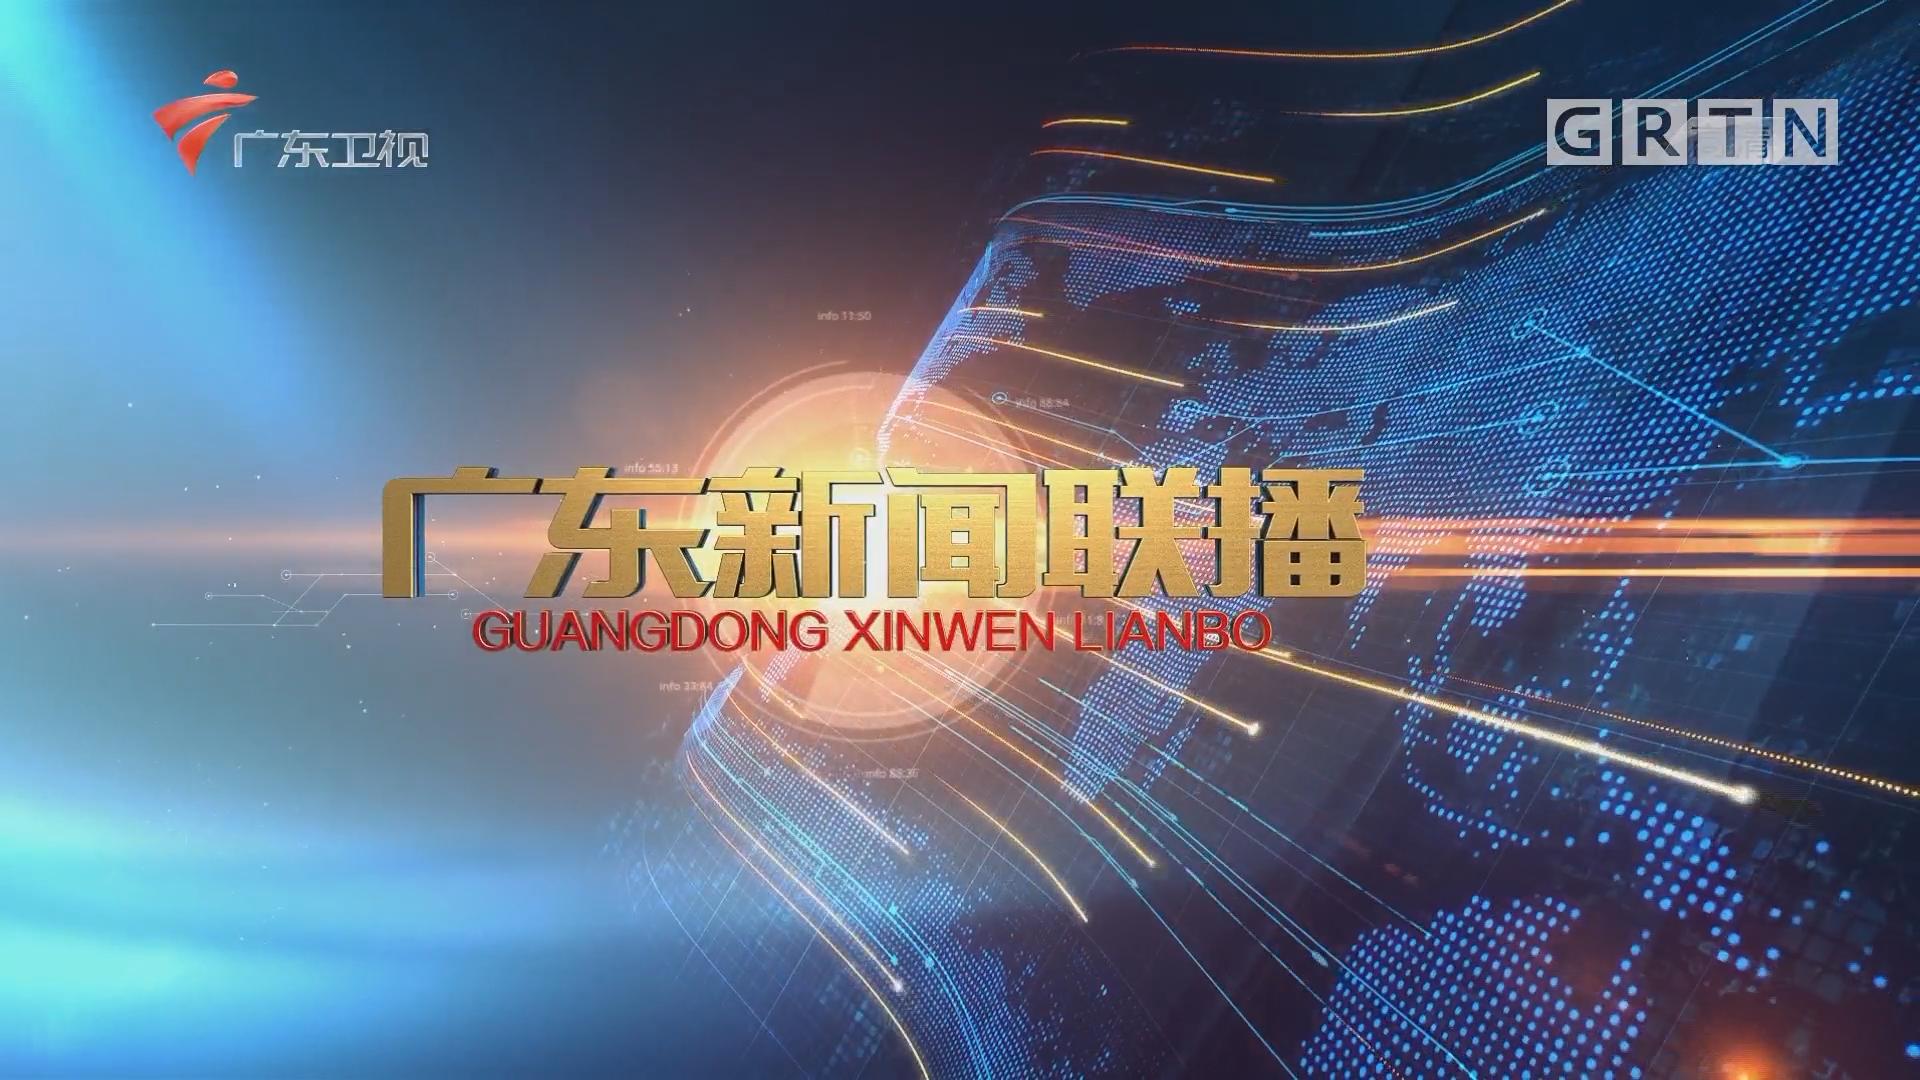 [HD][2018-11-20]广东新闻联播:省委理论学习中心组举行专题学习会 李希主持会议